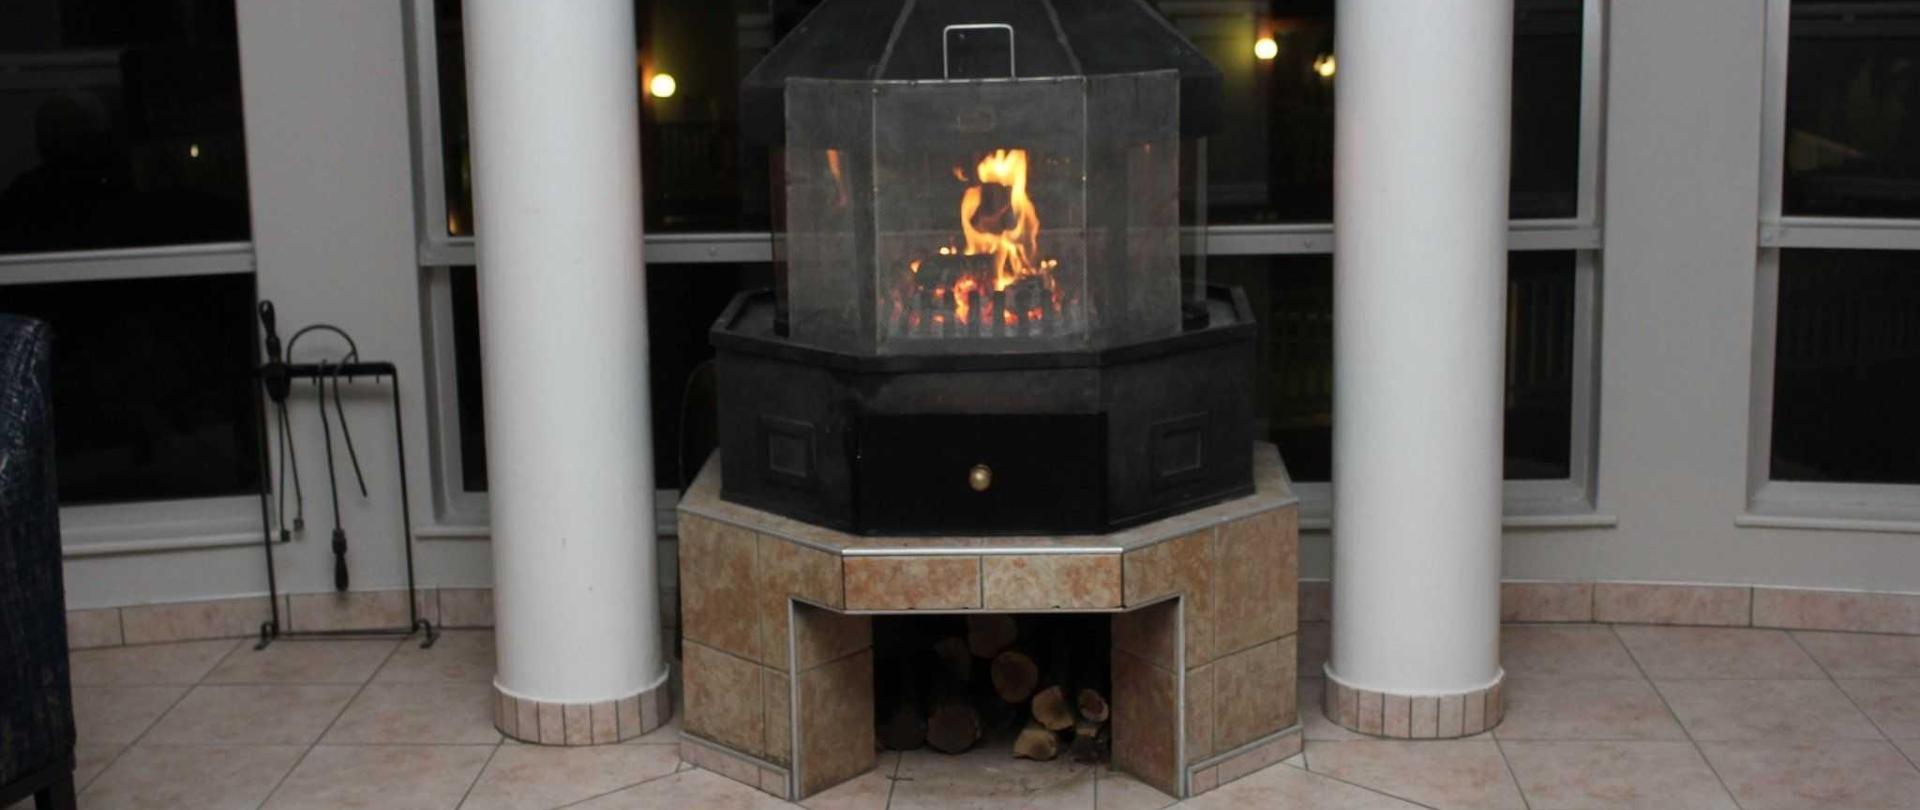 2017-lnh-fireplace.jpg